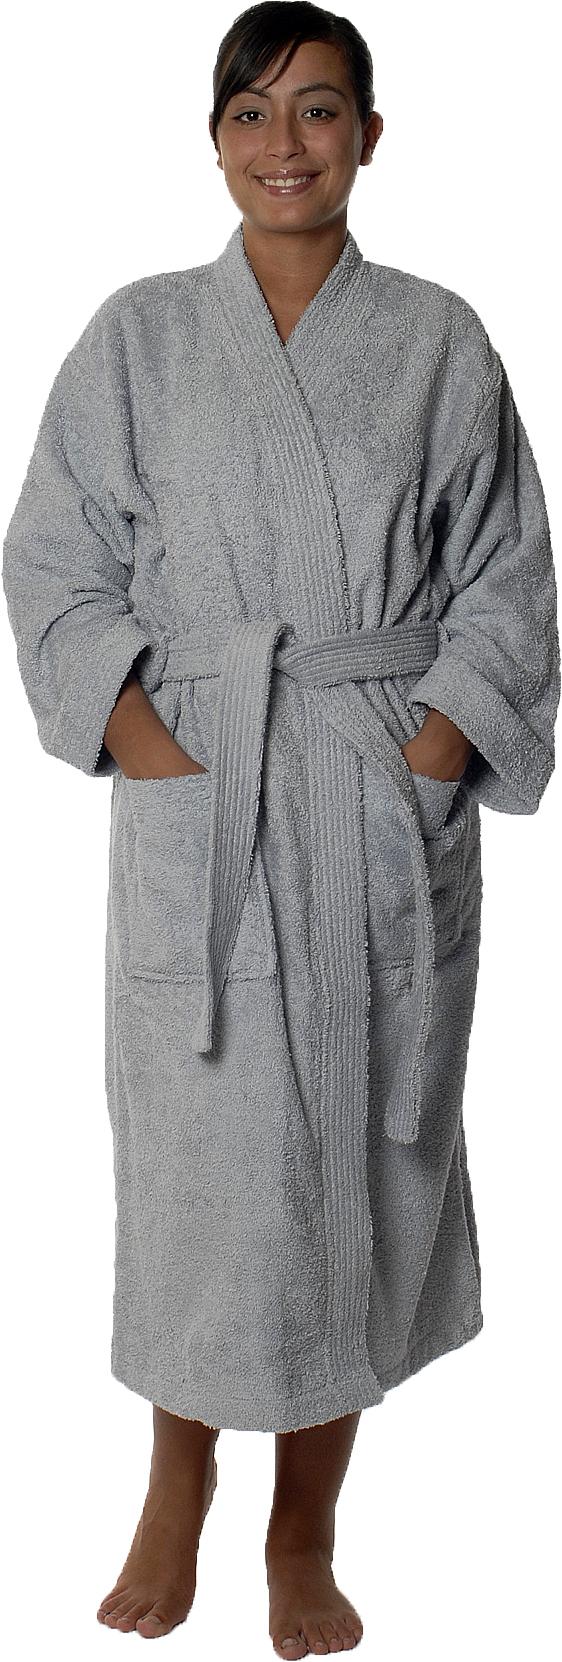 Peignoir col kimono en Coton couleur Gris perle Taille XXL (Gris Perle)